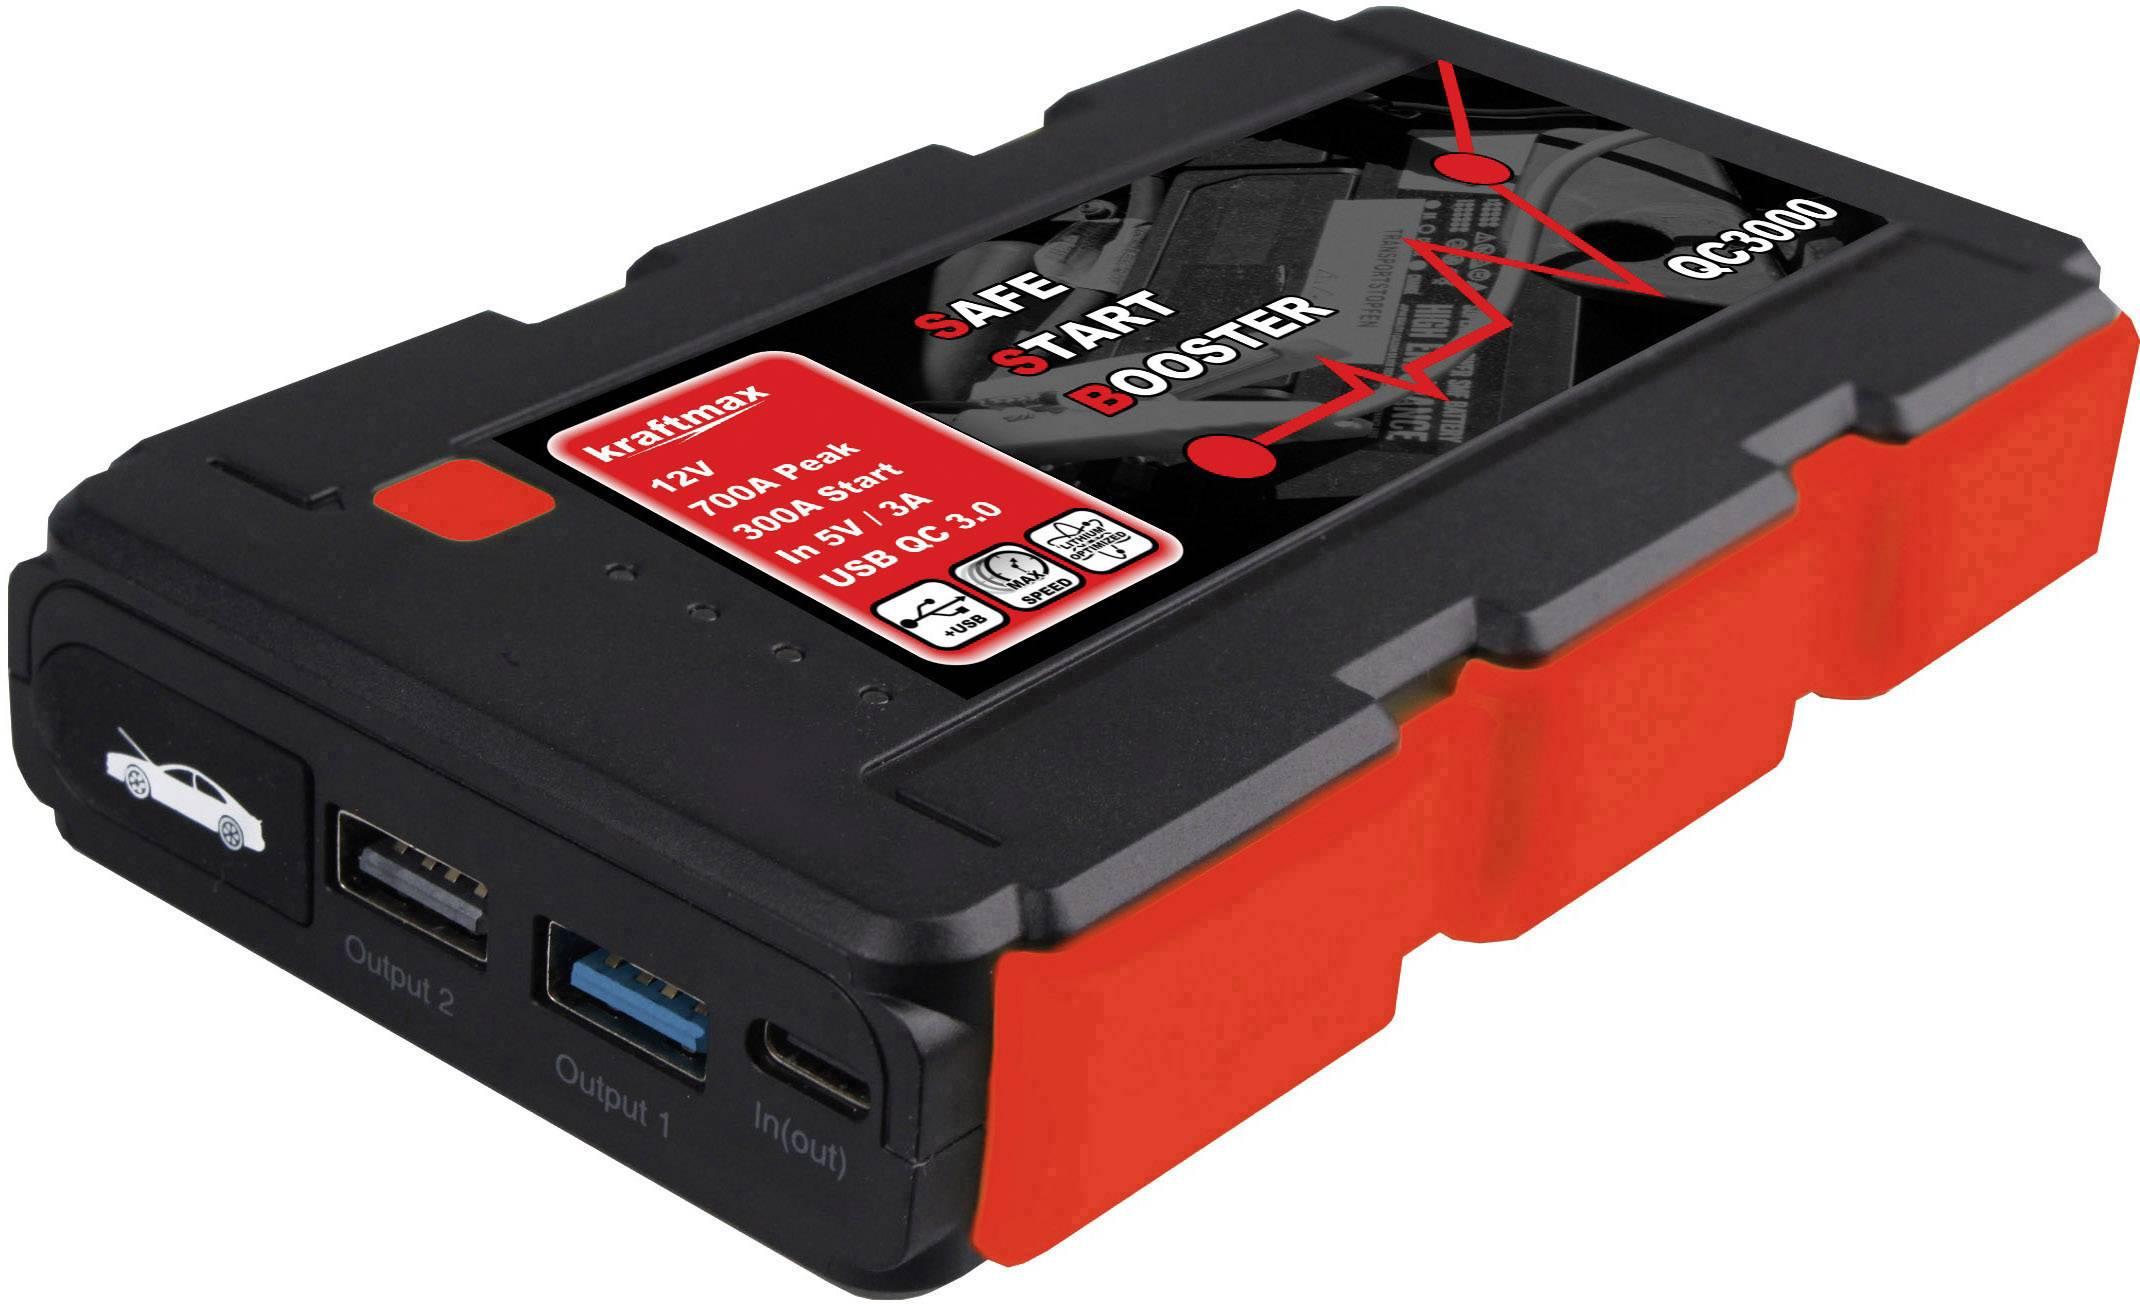 kraftmax Schnellstartsystem QC3000 143849 Starthilfestrom (12 V)=350 A